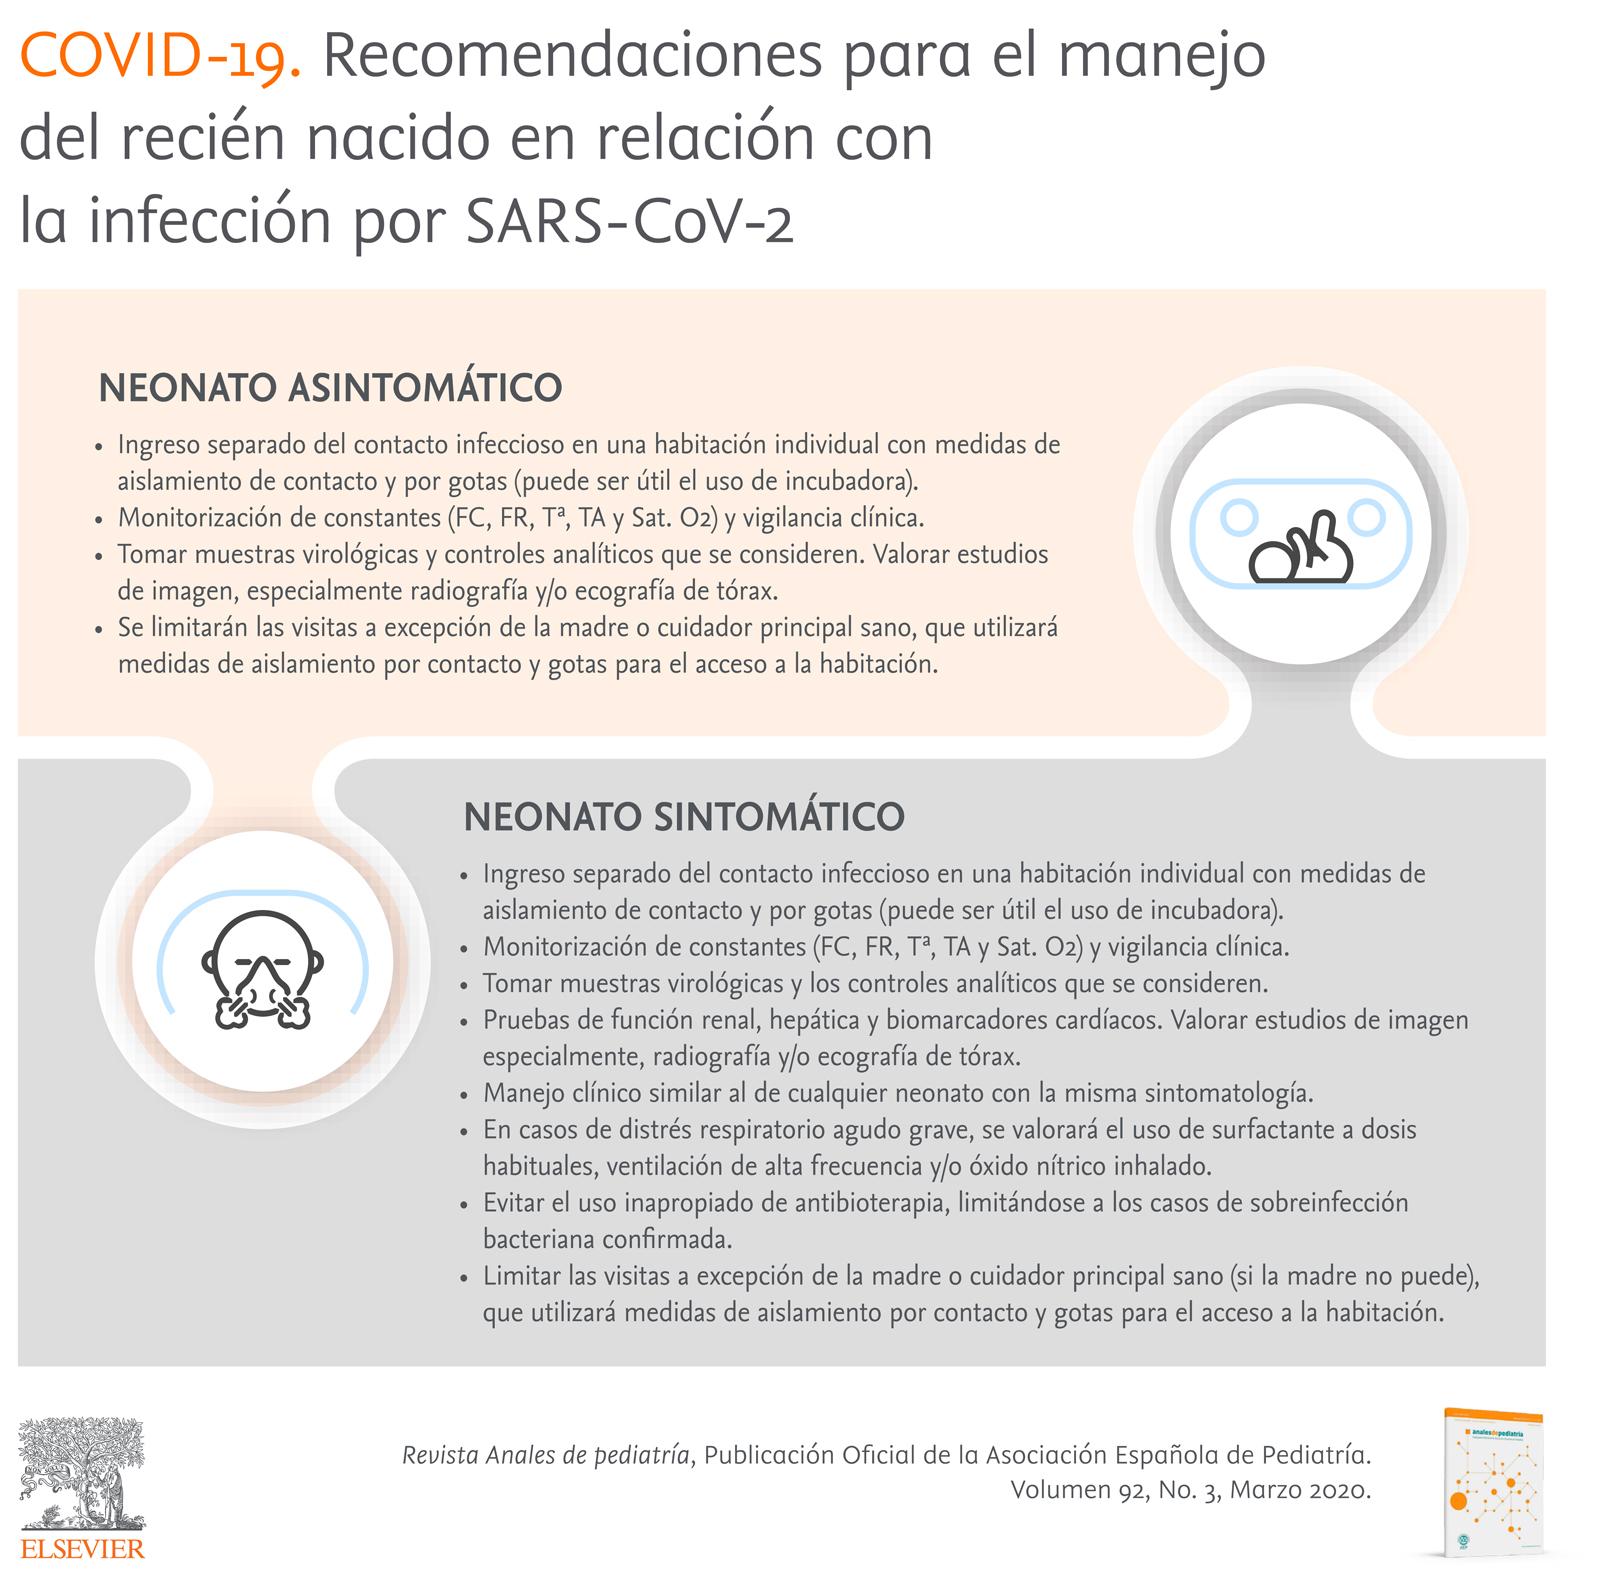 Recomendaciones para el manejo del recién nacido en relación con la infección por SARS-CoV-2